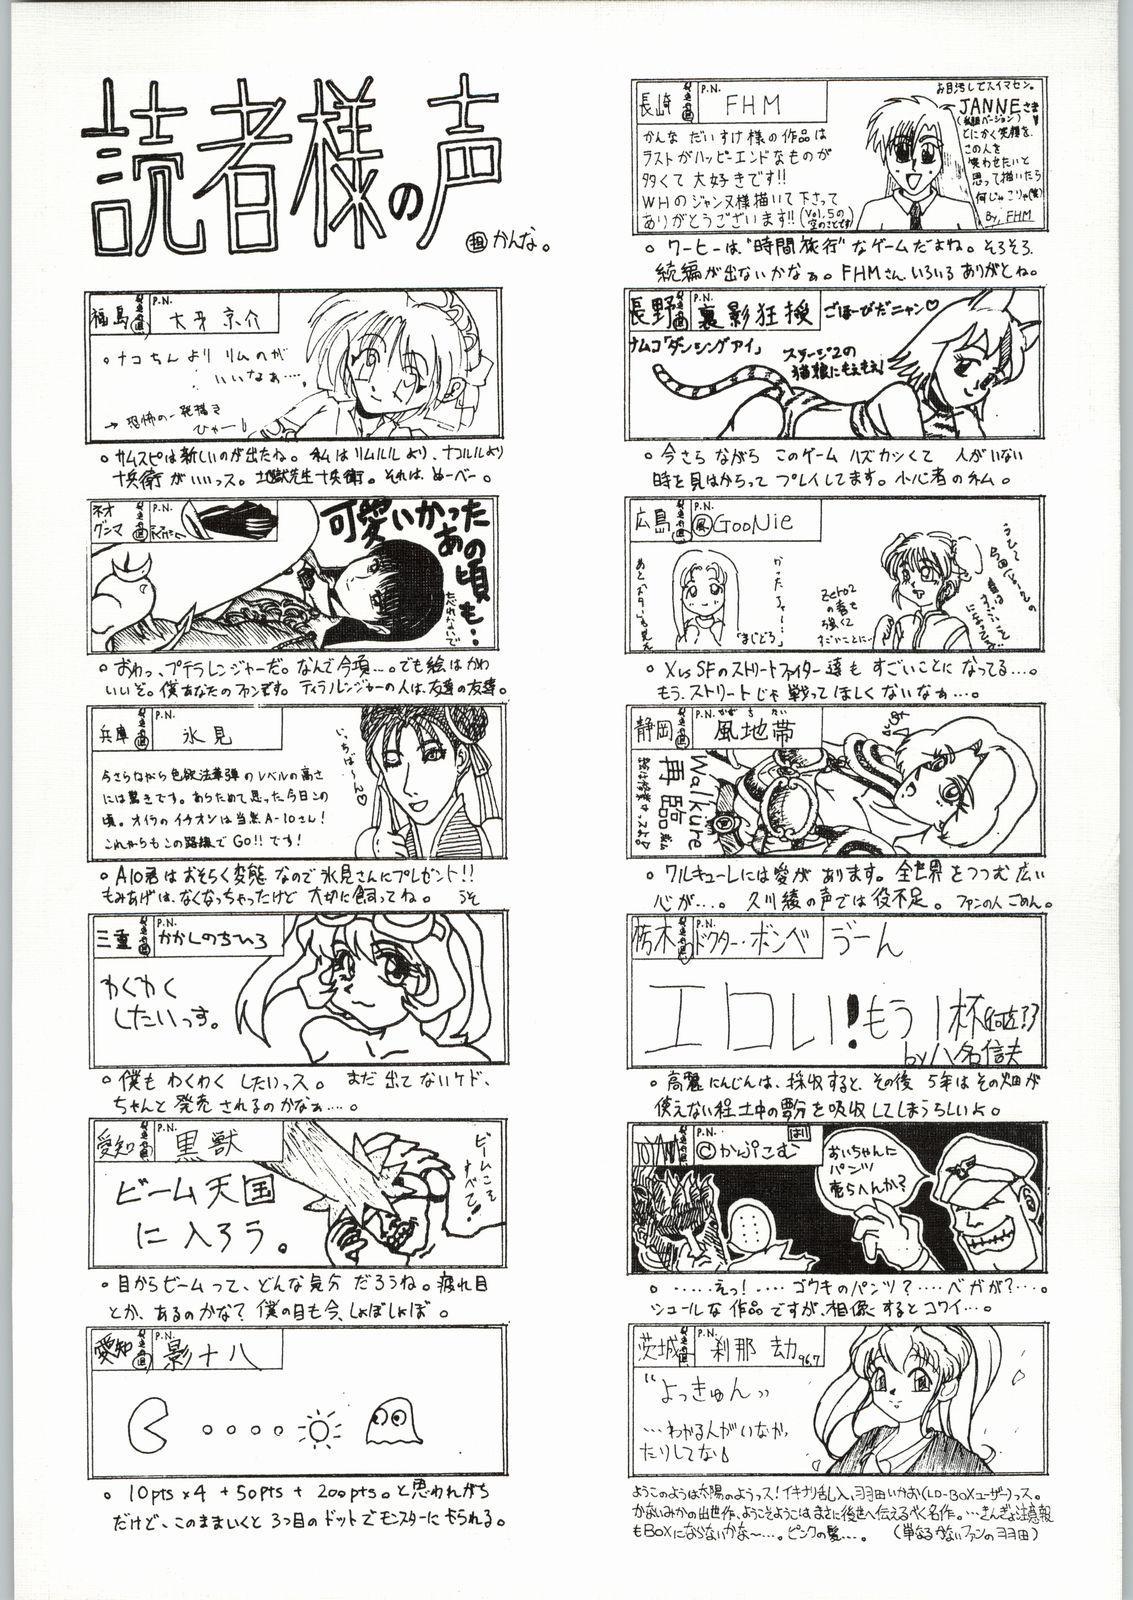 Shikiyoku Hokkedan 8 1